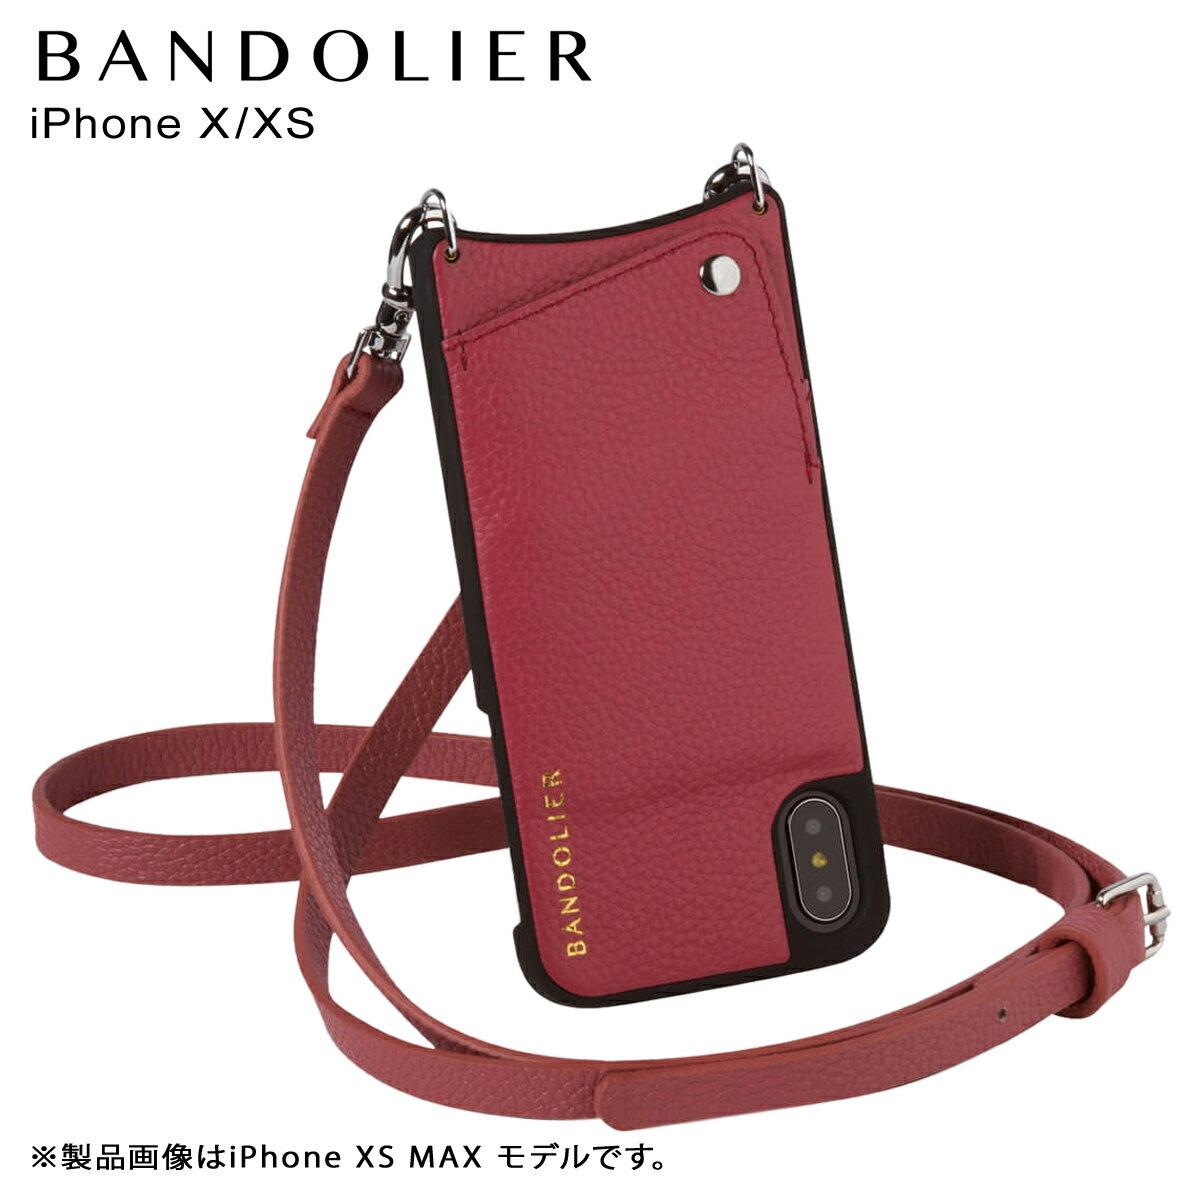 BANDOLIER バンドリヤー iPhone XS X ケース ショルダー スマホ アイフォン レザー EMMA MAGENTA RED メンズ レディース マゼンタ レッド 10EMM1001 [4/18 再入荷]